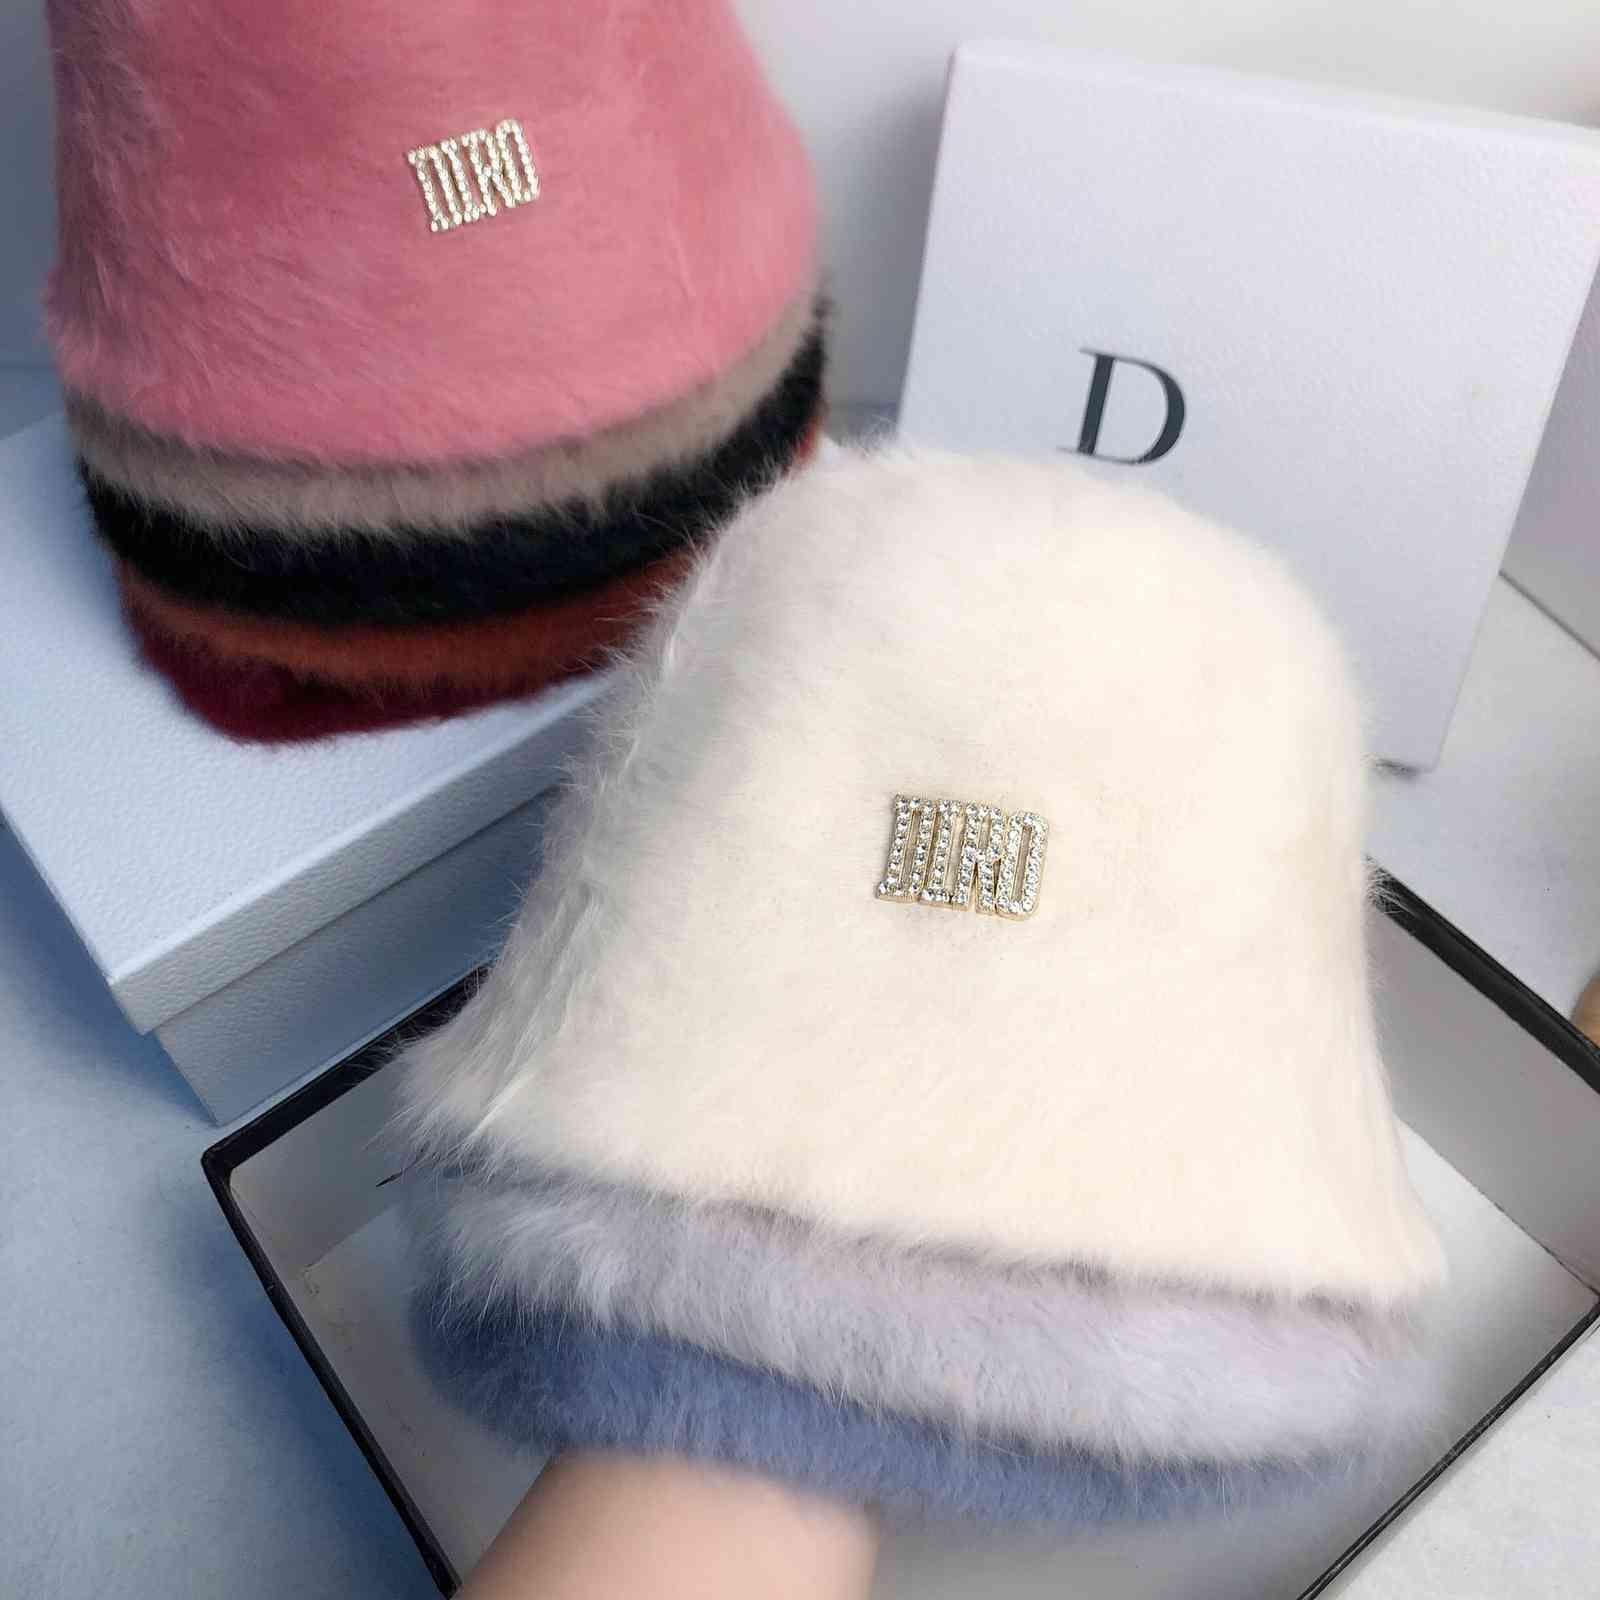 Новый плюшевый кролик для волос для волос рыбакаетная красная красная разносторонняя крышка для лица детская высокая холодная бассейна шляпа